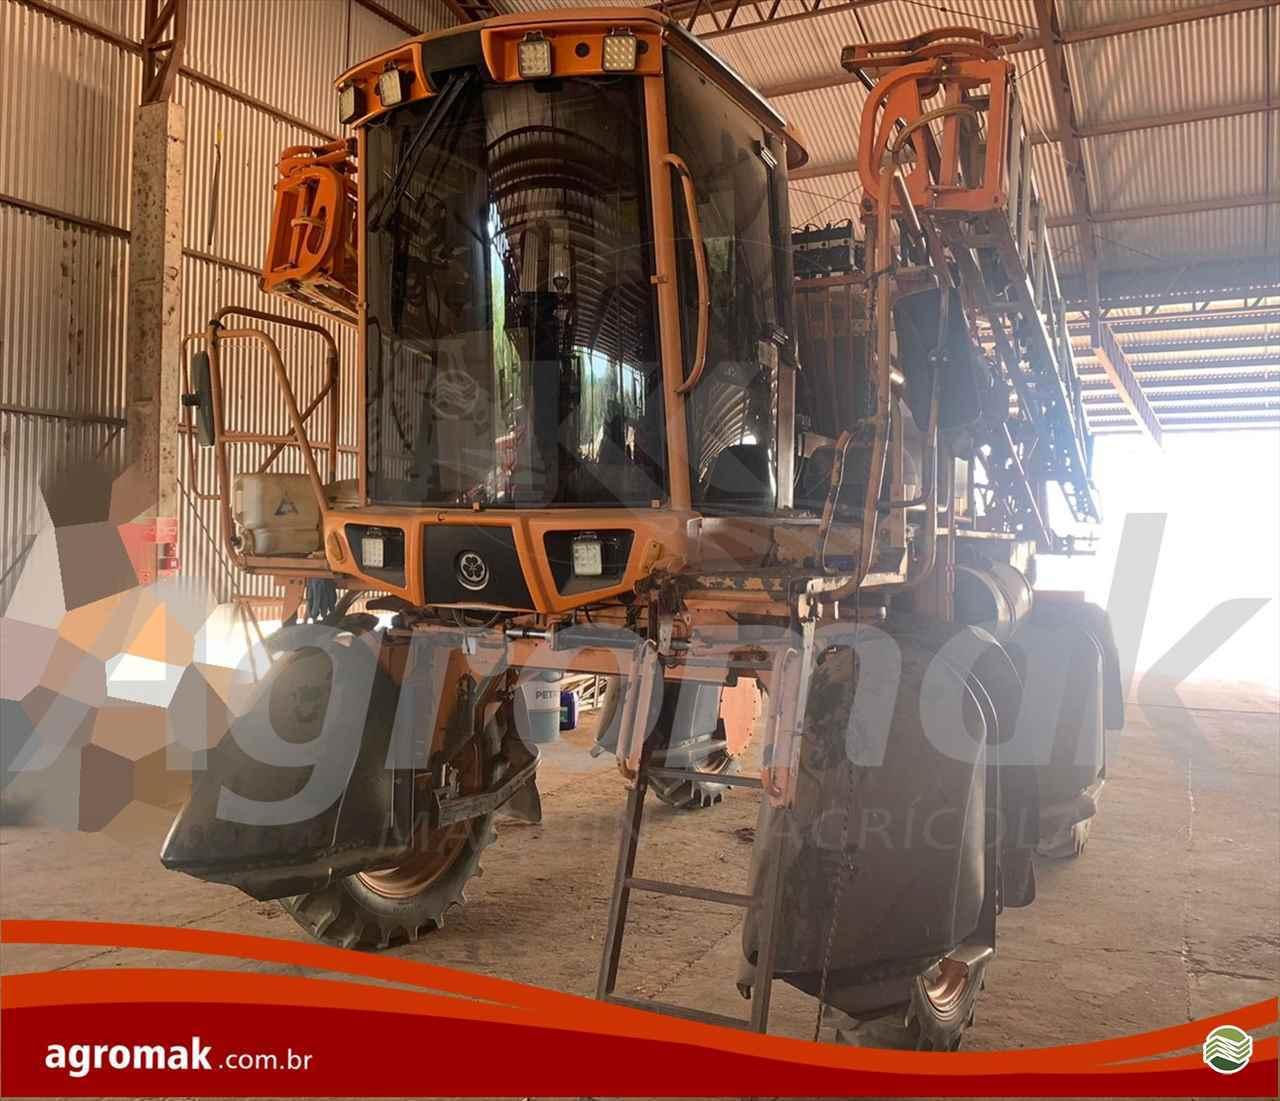 PULVERIZADOR JACTO UNIPORT 2500 STAR Tração 4x2 Agromak Máquinas Agrícolas CAMPO VERDE MATO GROSSO MT